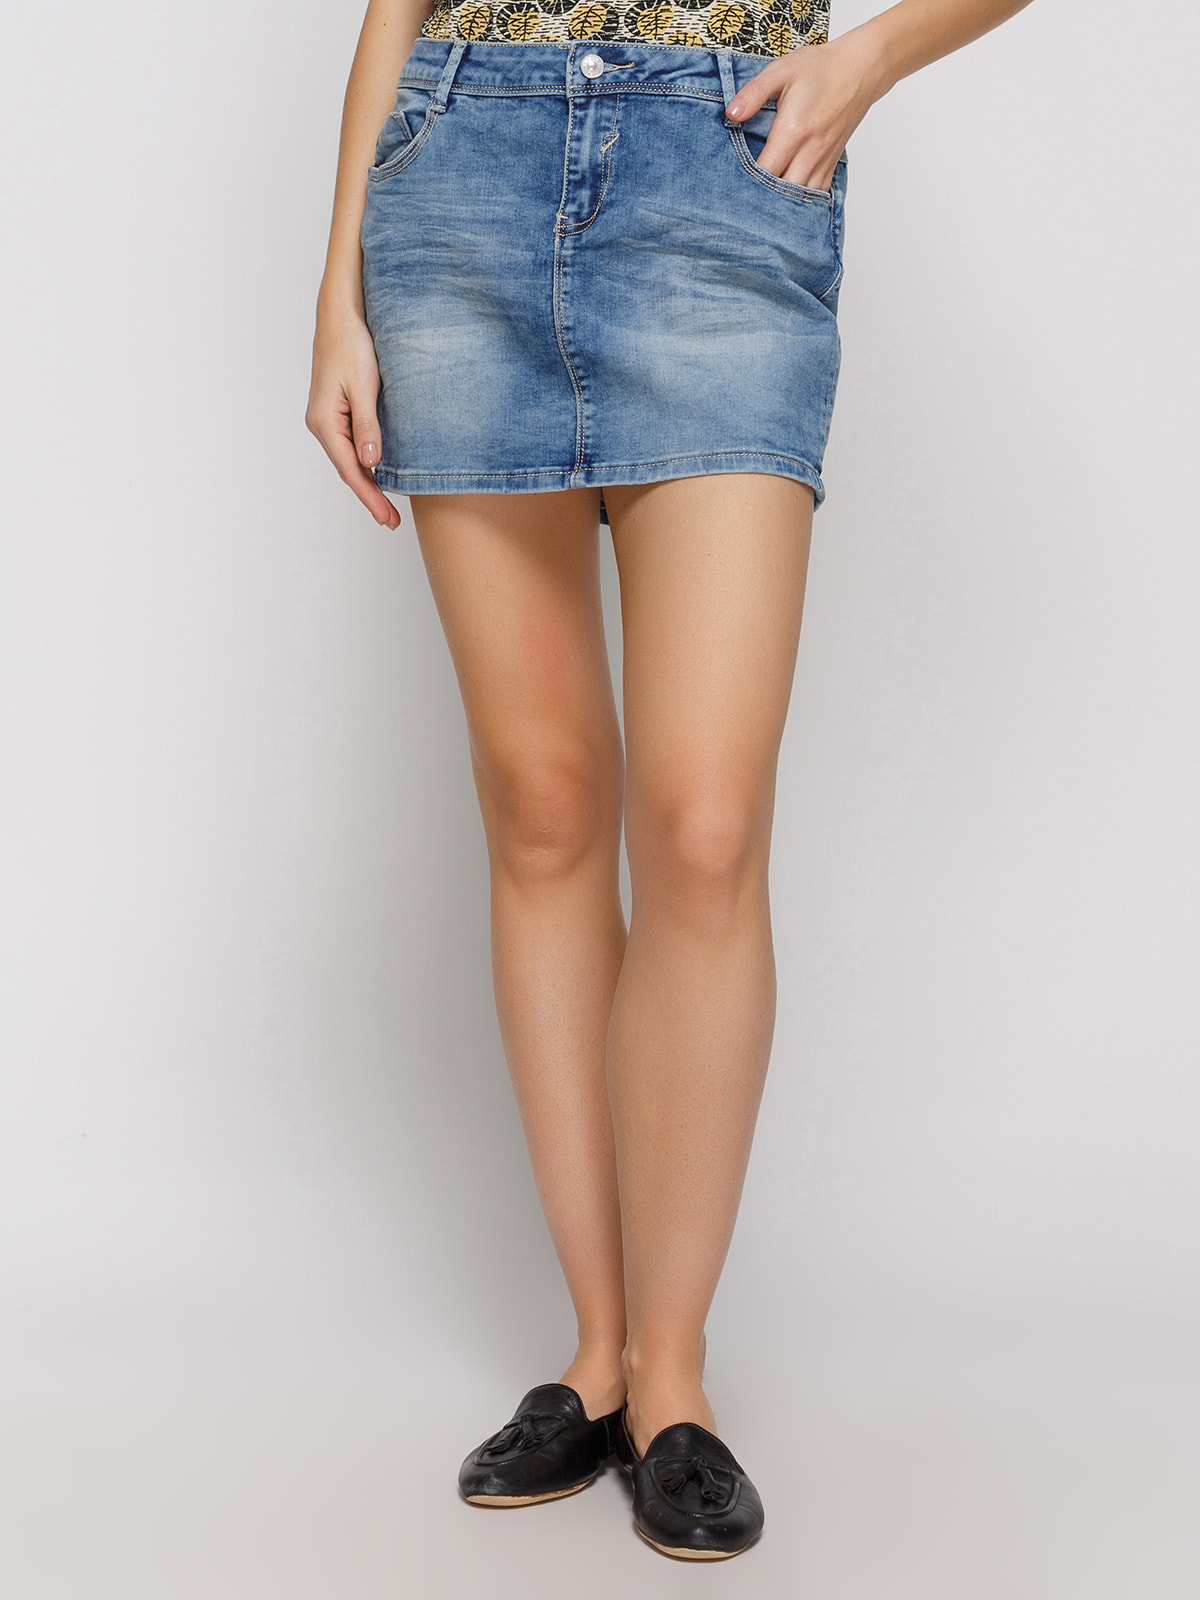 Юбка синяя джинсовая   4631074